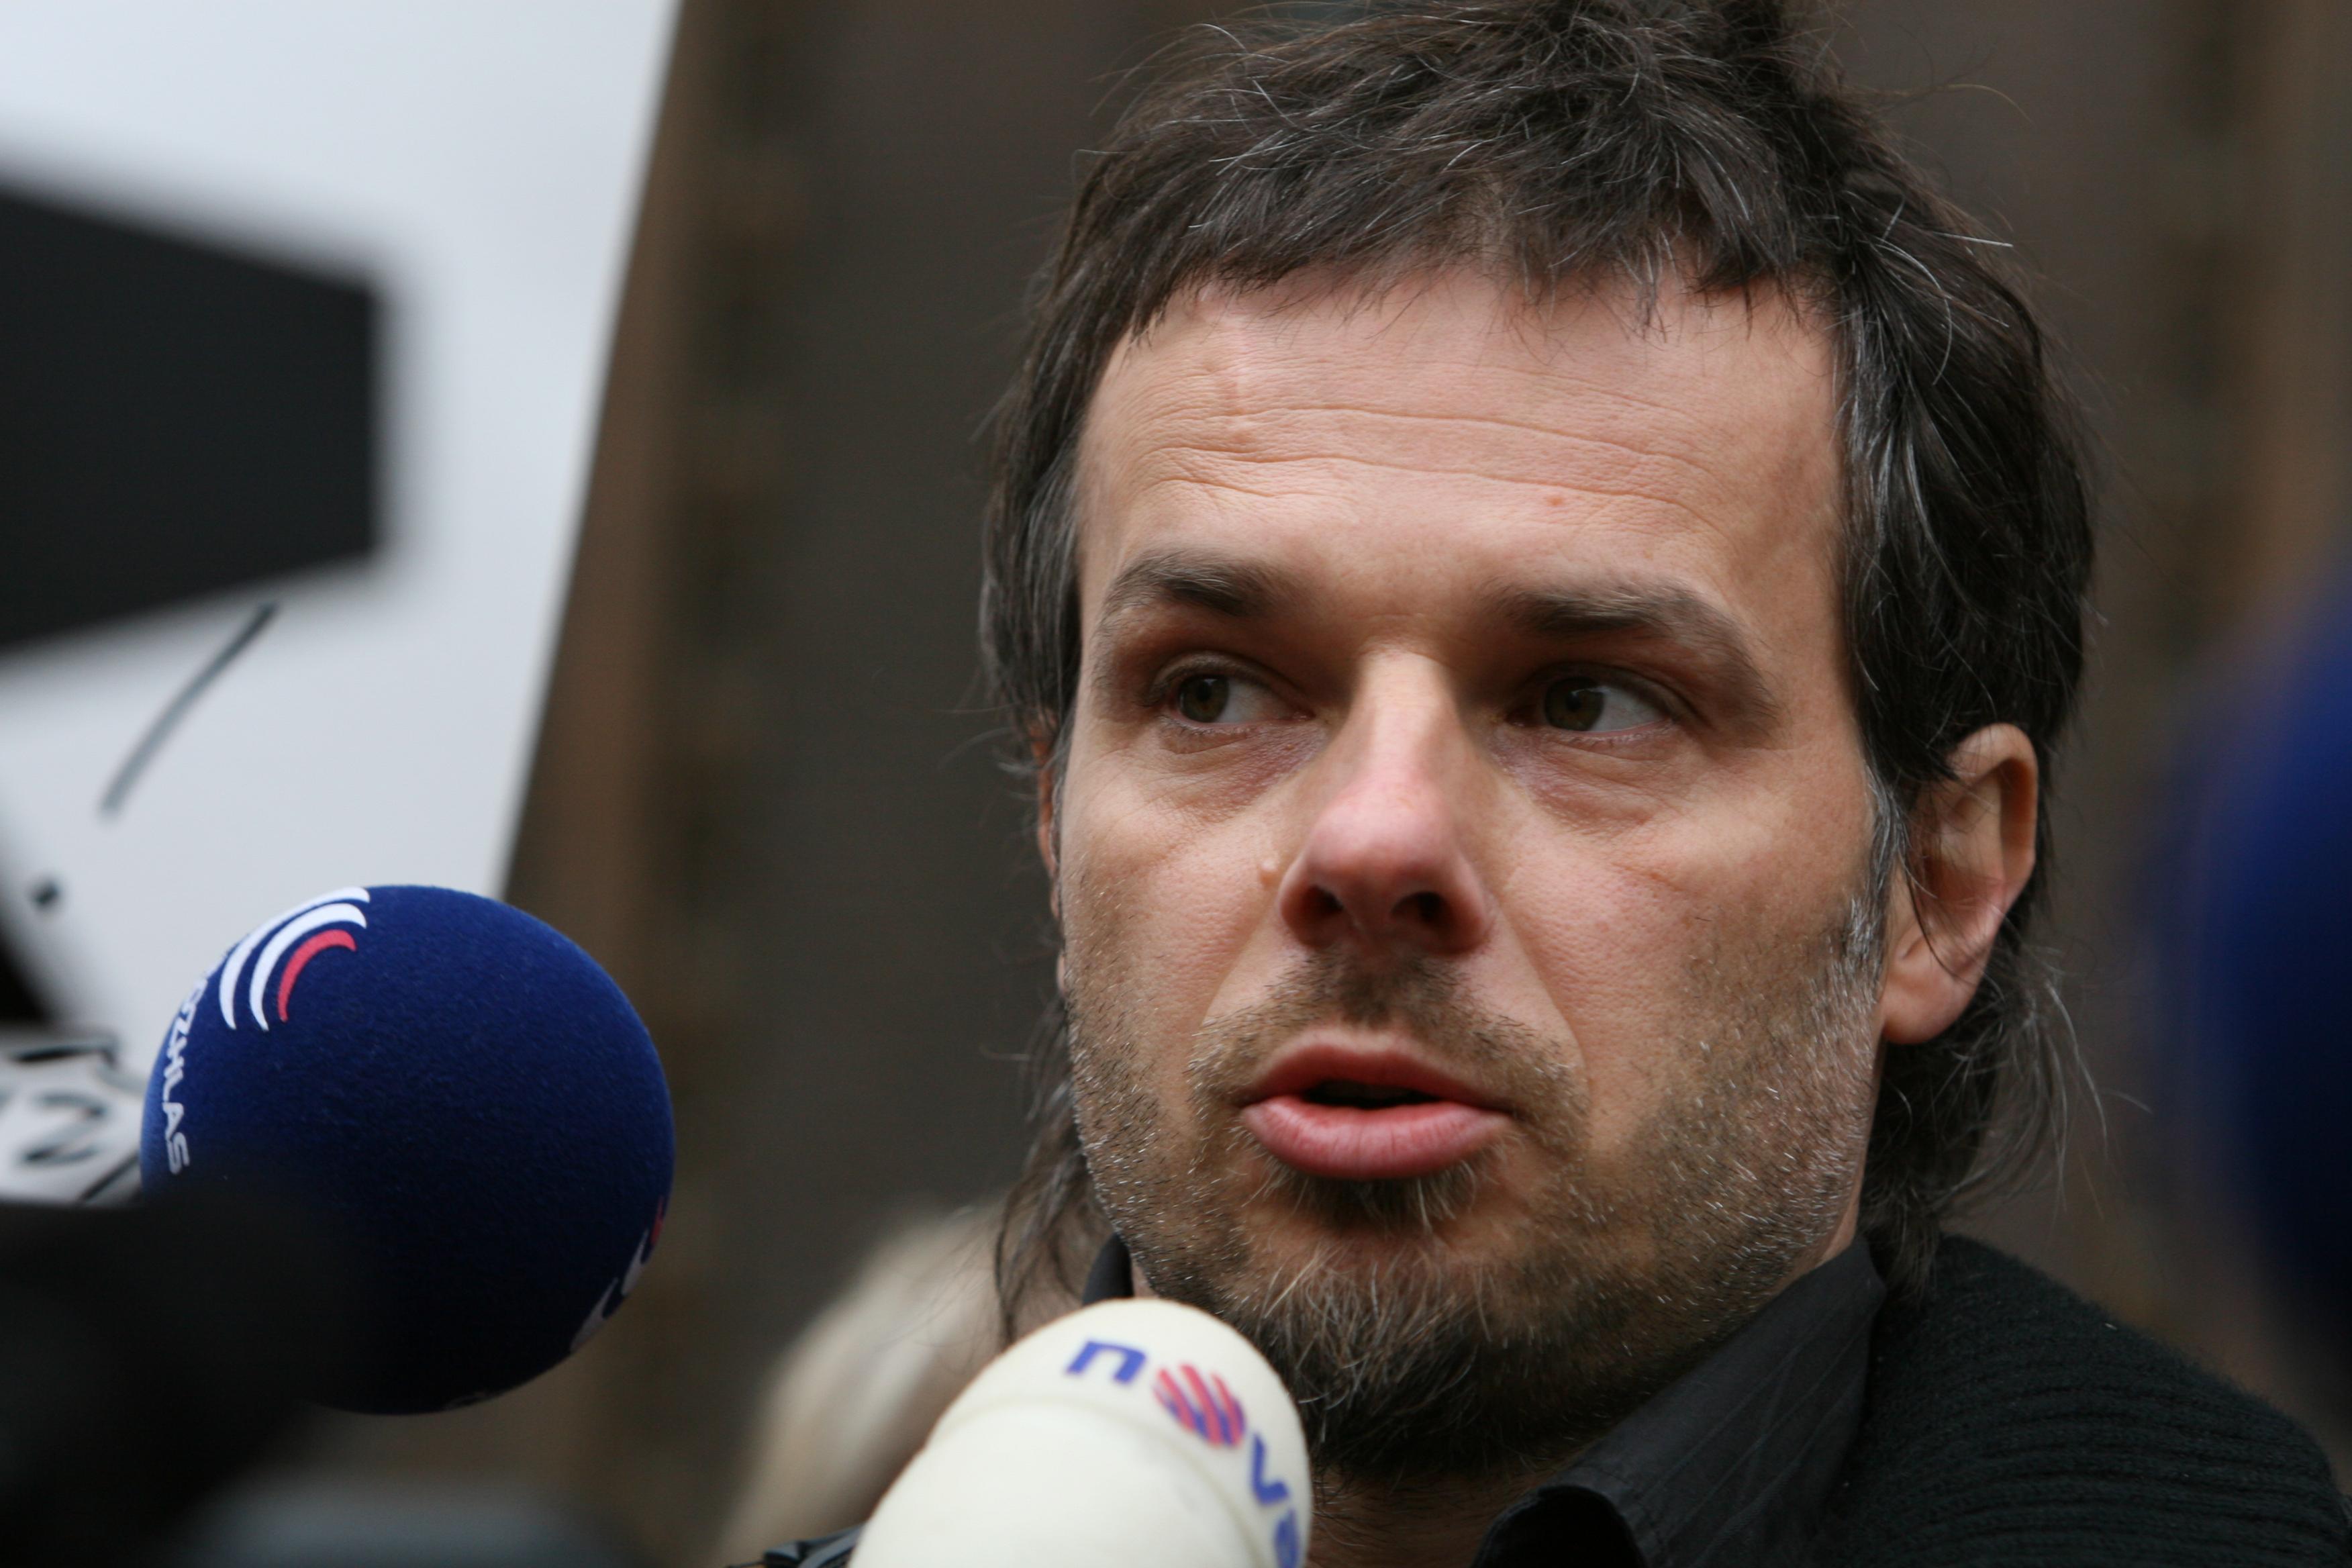 Image of Jirí Cernický from Wikidata